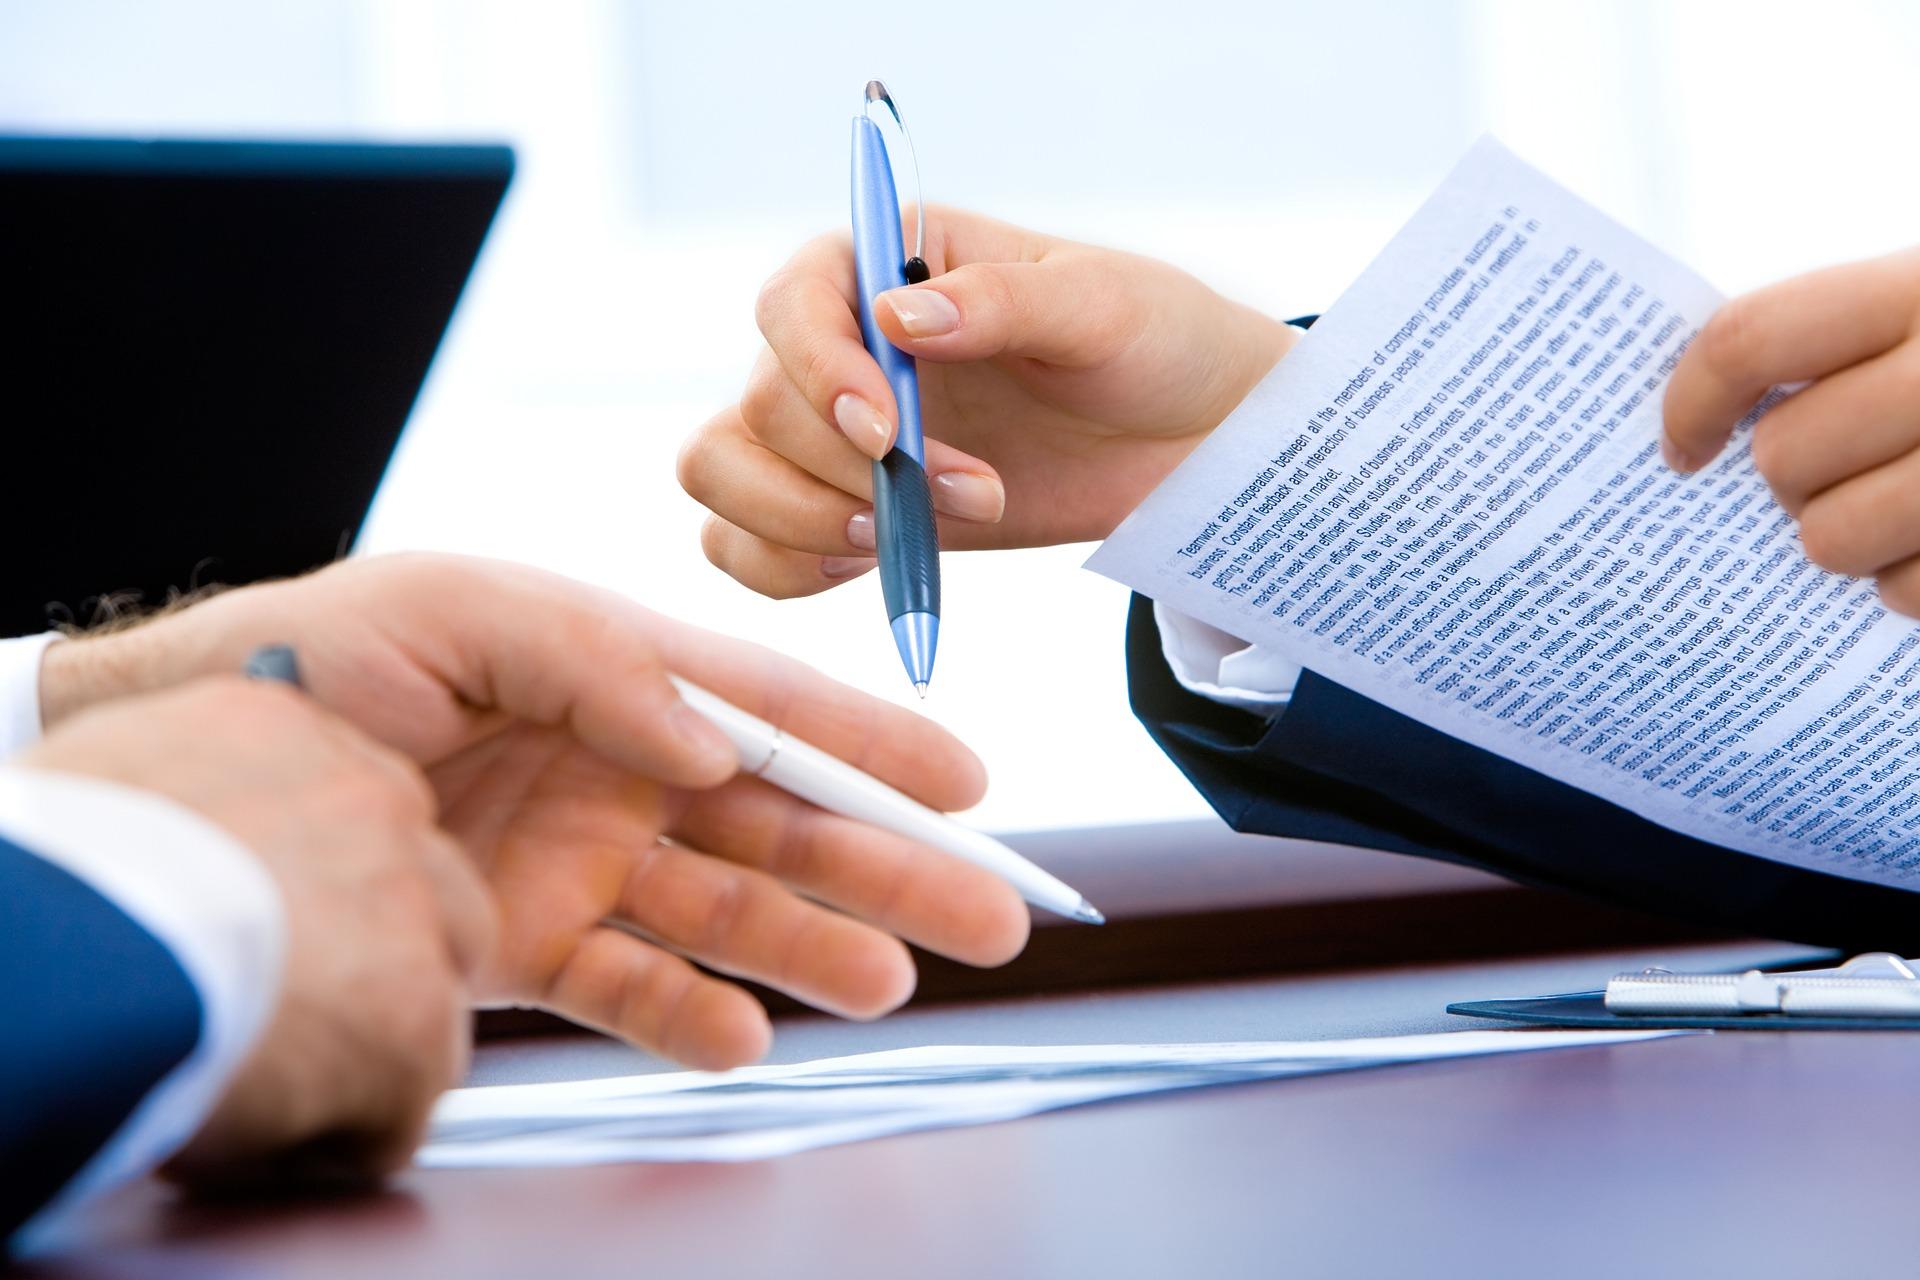 Scadenza ISEE: scarica l'elenco dei documenti richiesti